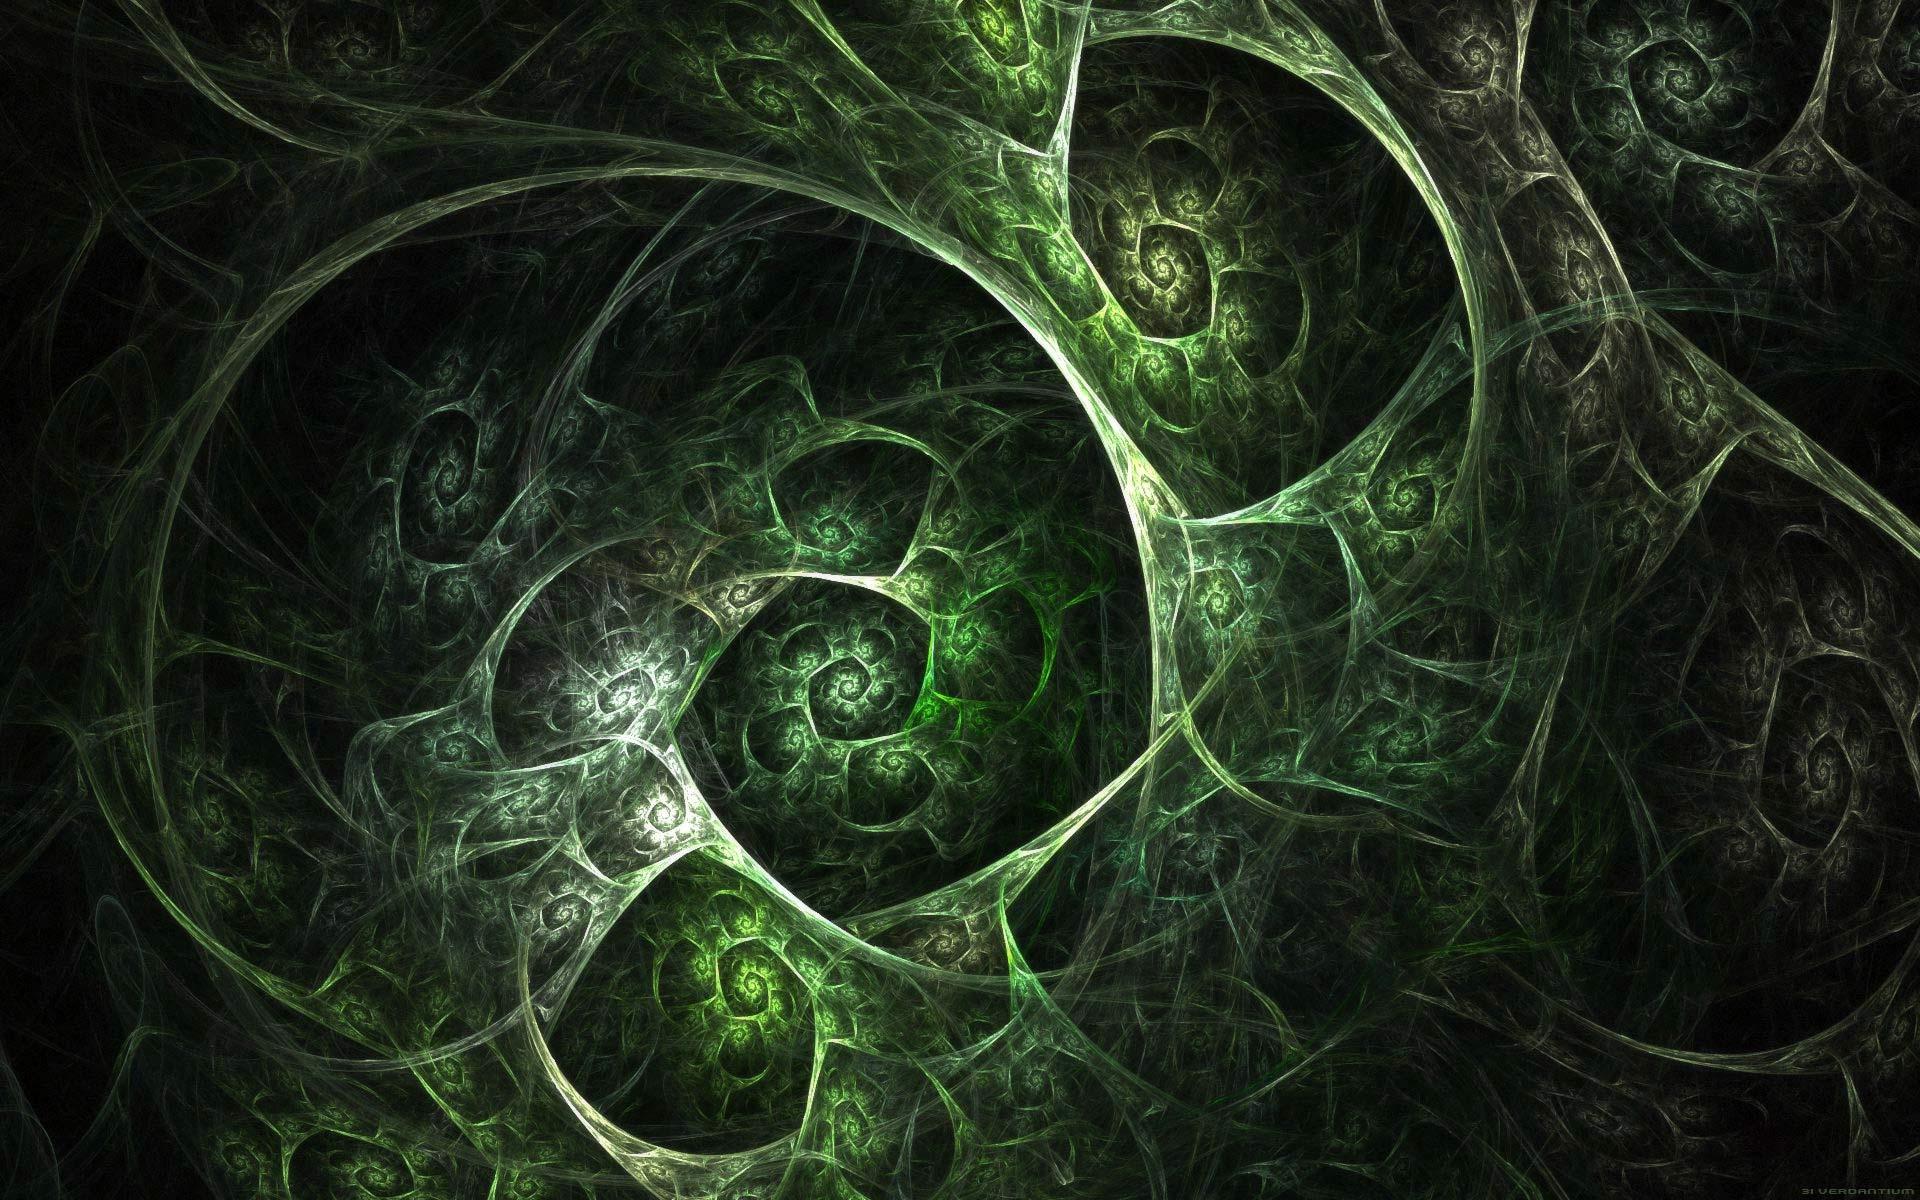 Fractal Green Pattern Wallpaper (7227) - Wallpaperesque